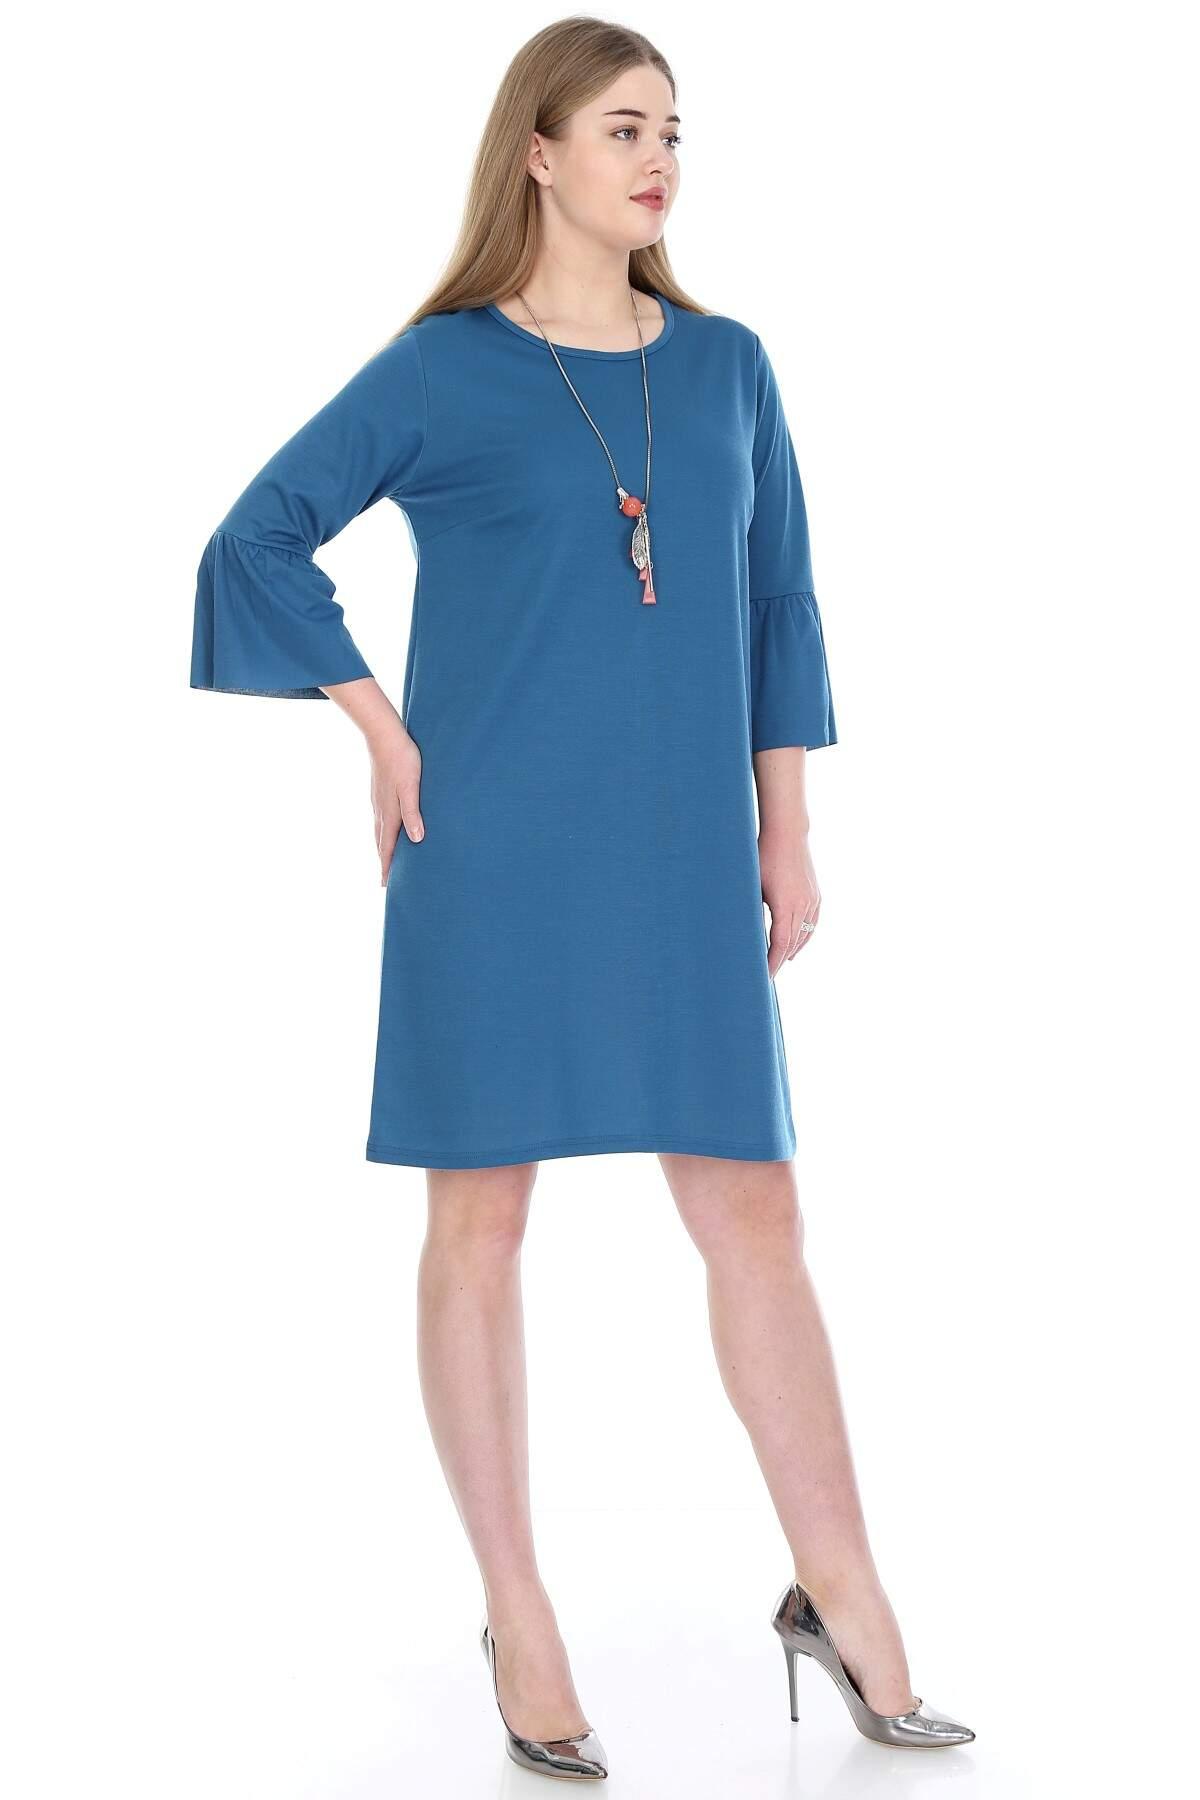 Büyük Beden Kampanyalı Elbise KL807-19pt